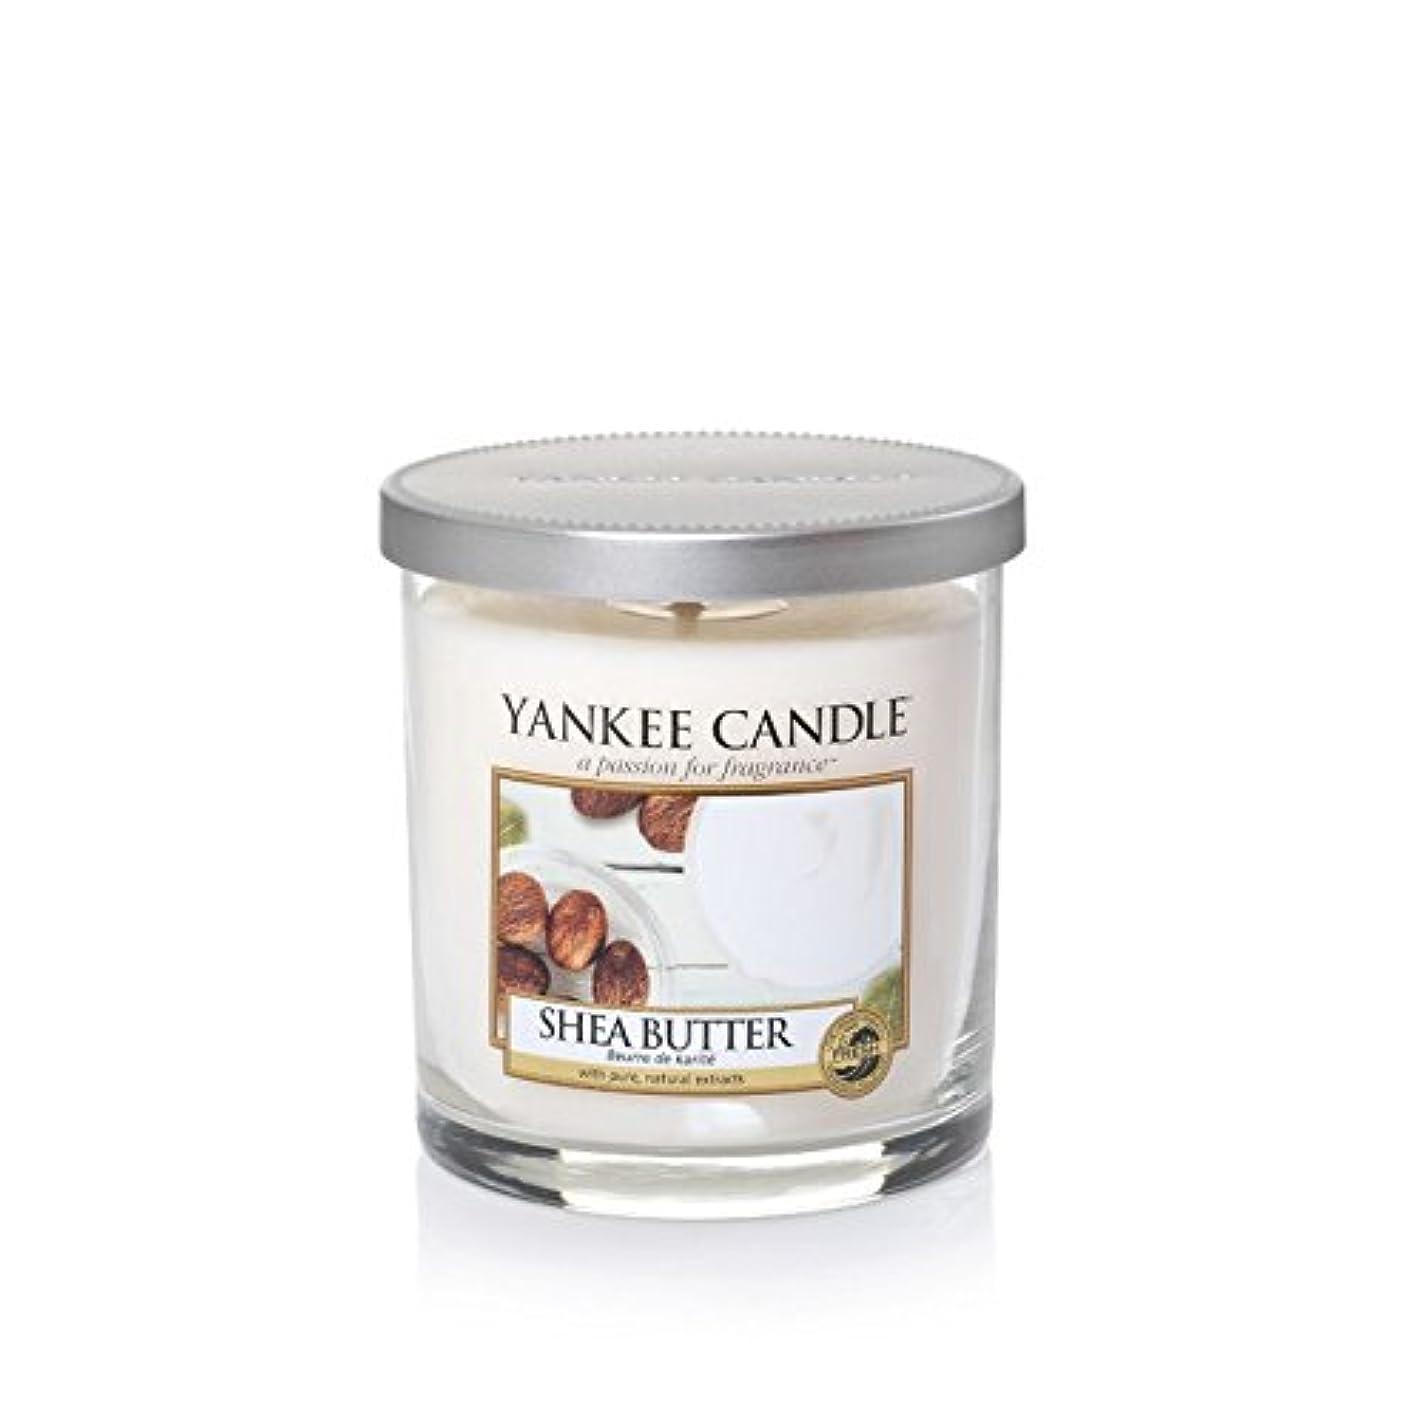 ピン緯度インタビューヤンキーキャンドルの小さな柱キャンドル - シアバター - Yankee Candles Small Pillar Candle - Shea Butter (Yankee Candles) [並行輸入品]